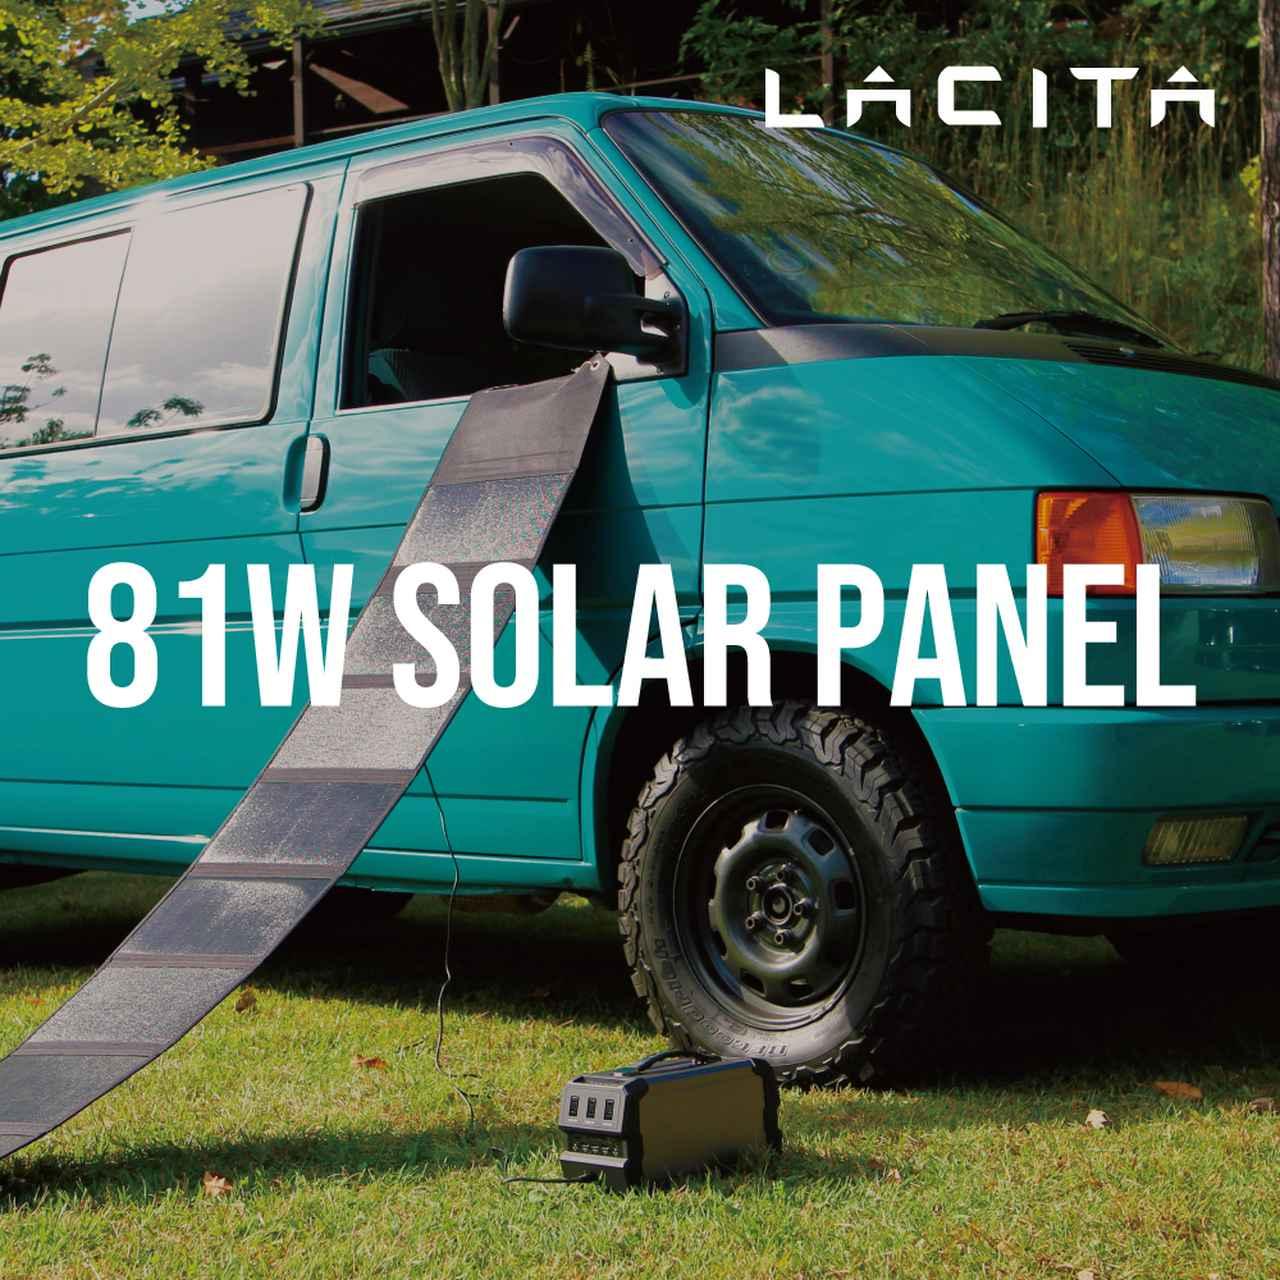 画像: 【10月末以降発送予定】LACITA ソーラーパネル 81W ソーラーチャージャー 充電器 折りたたみ式 / LACITA SHOP